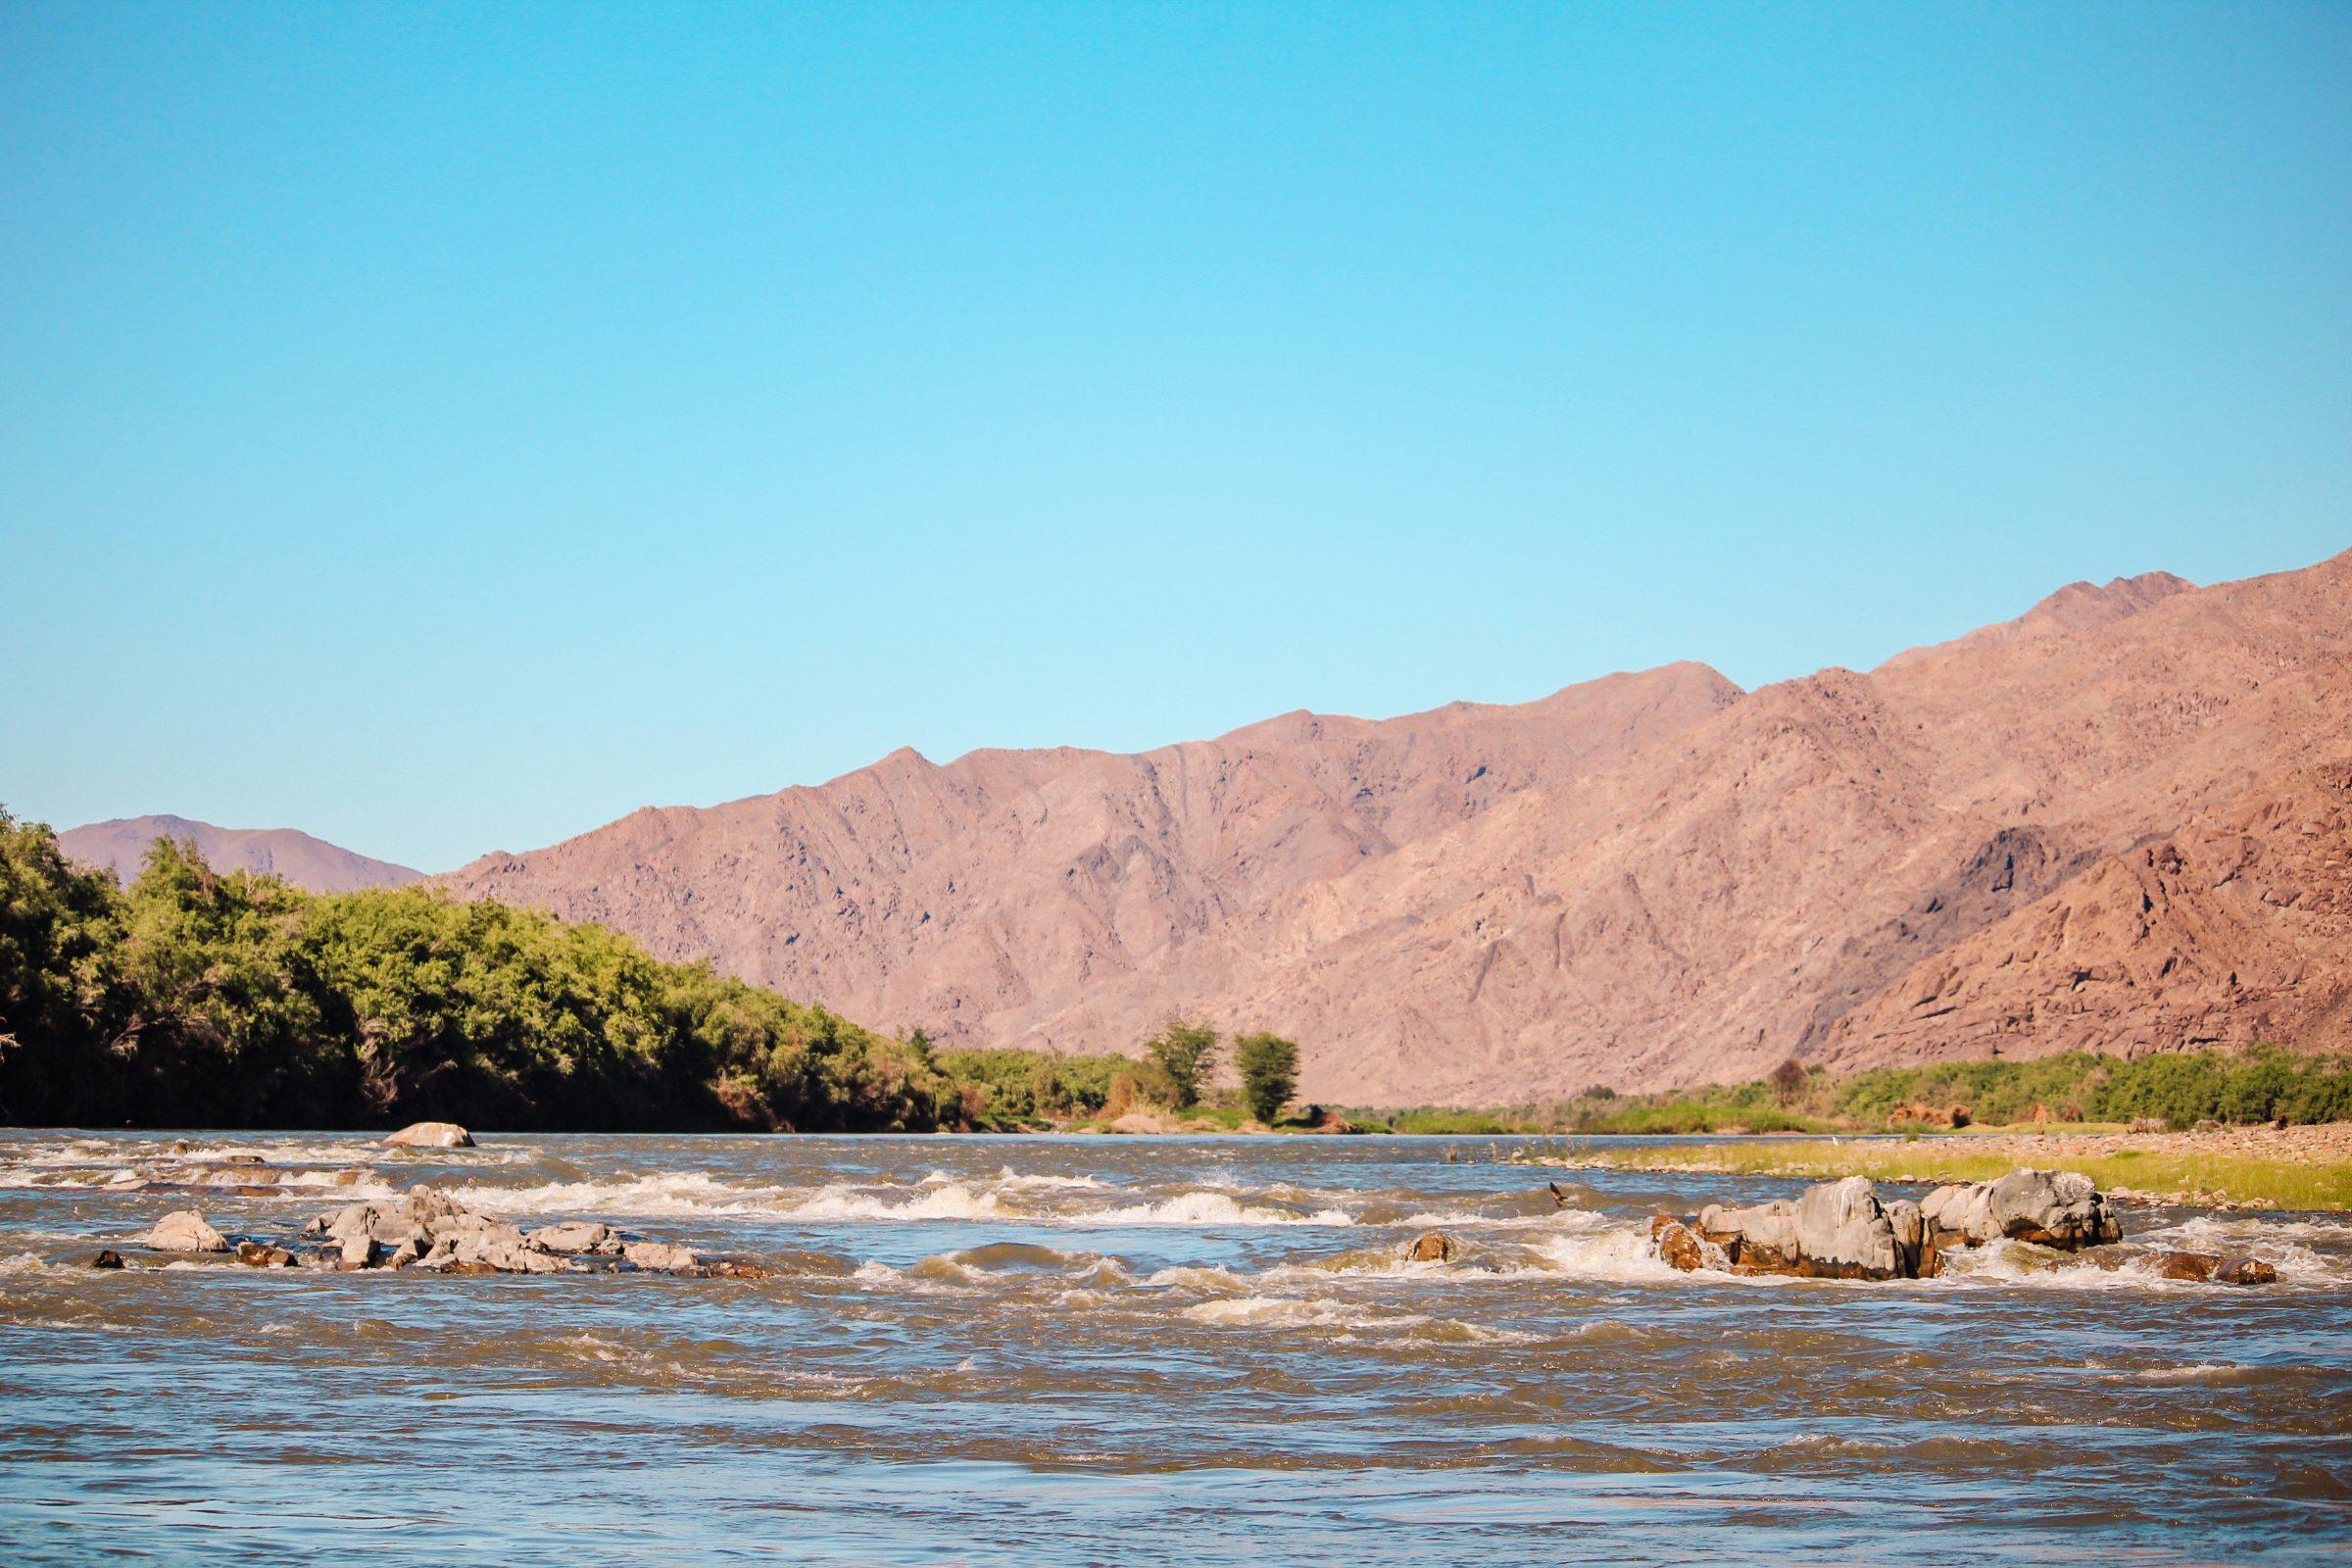 De oranje rivier met aan de overkant Zuid-Afrika